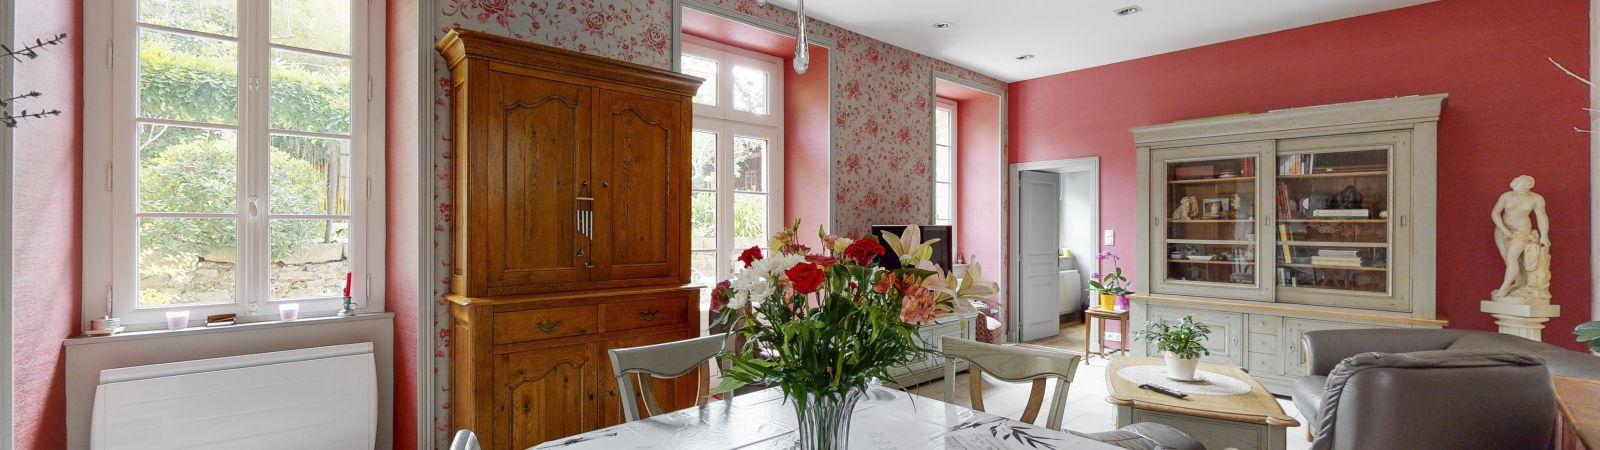 photo 8: Appartement d'exception au coeur de Saint-Servan